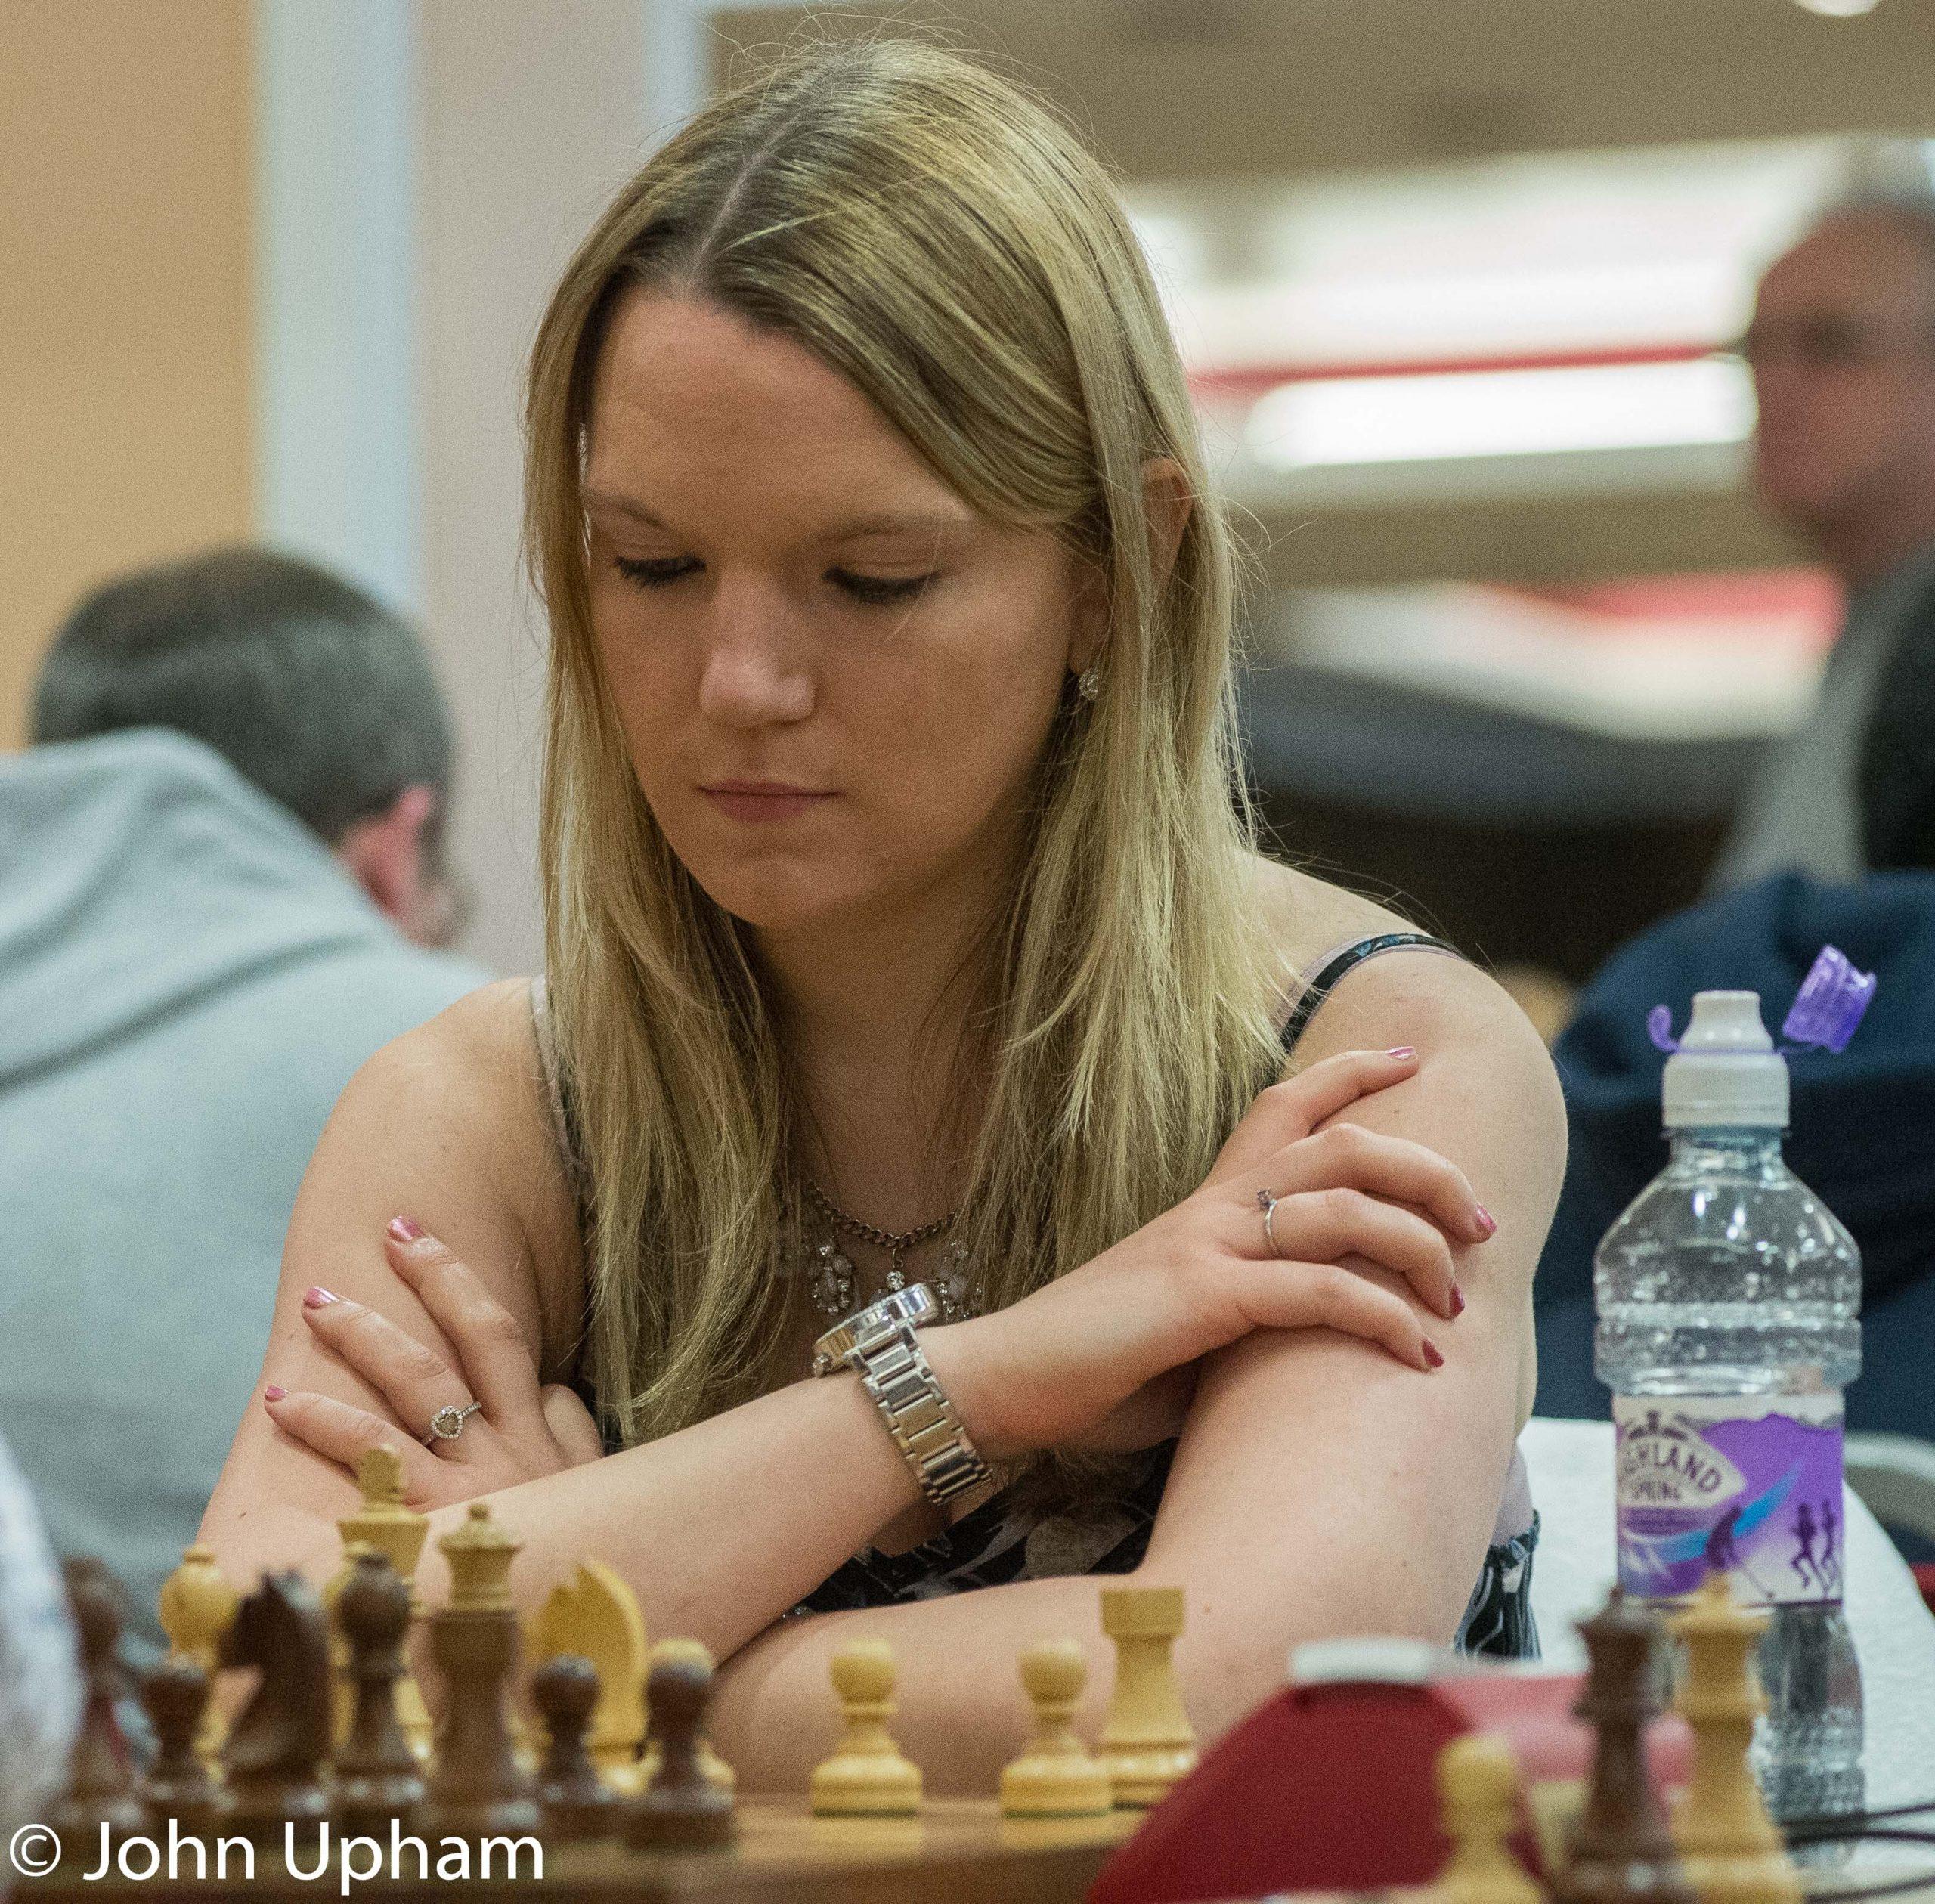 WFM Sarah Longson, courtesy of John Upham Photography